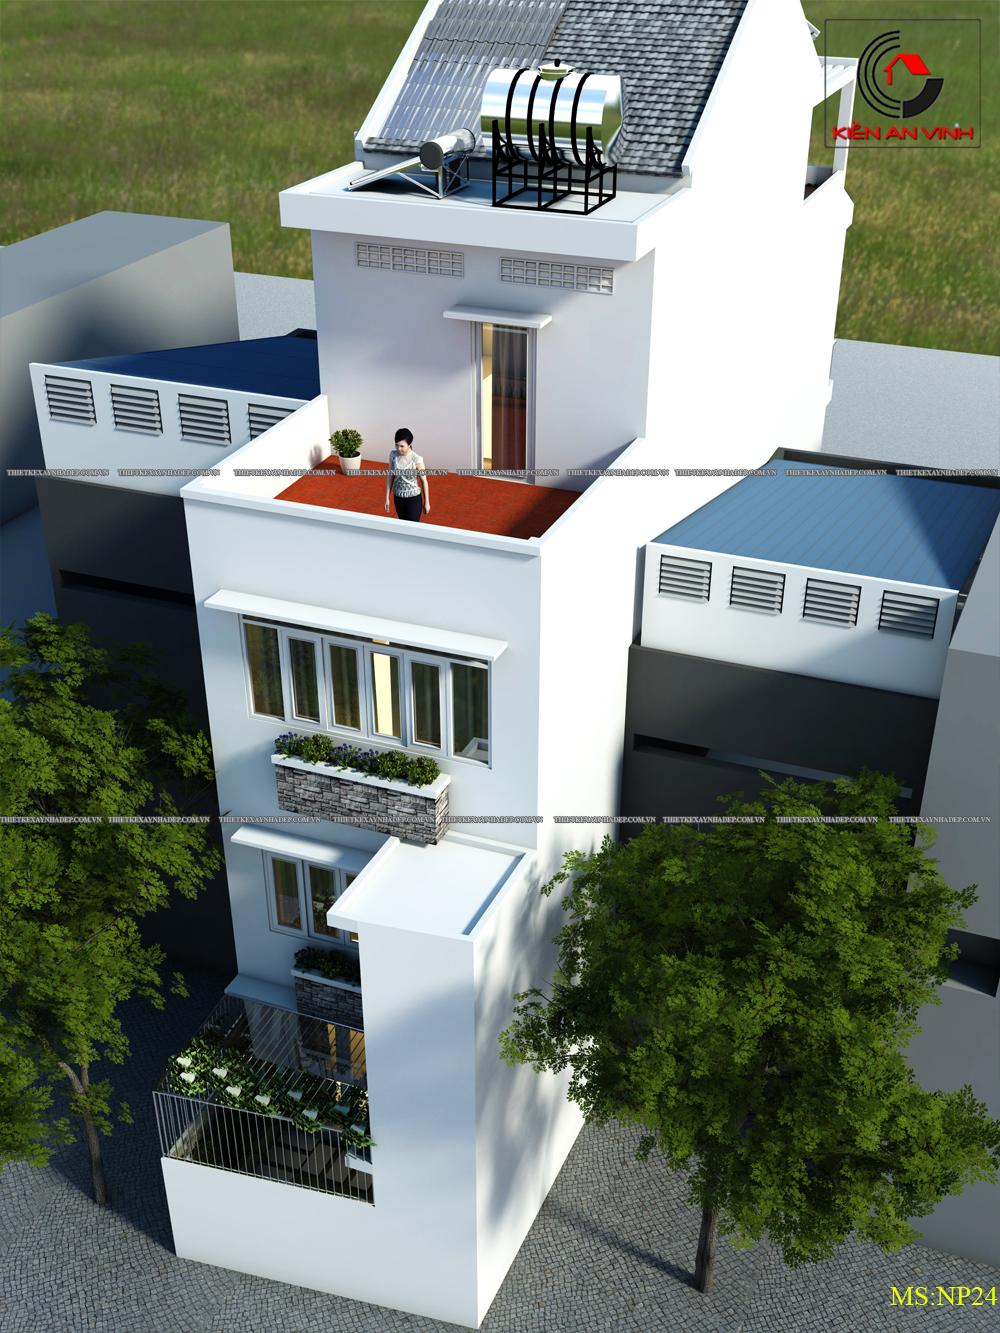 Mẫu thiết kế nhà 2 tầng 1 tum đẹp dt 5x20m ở tỉnh An Giang Thiet-ke-nha-dep-2-tang-5x20